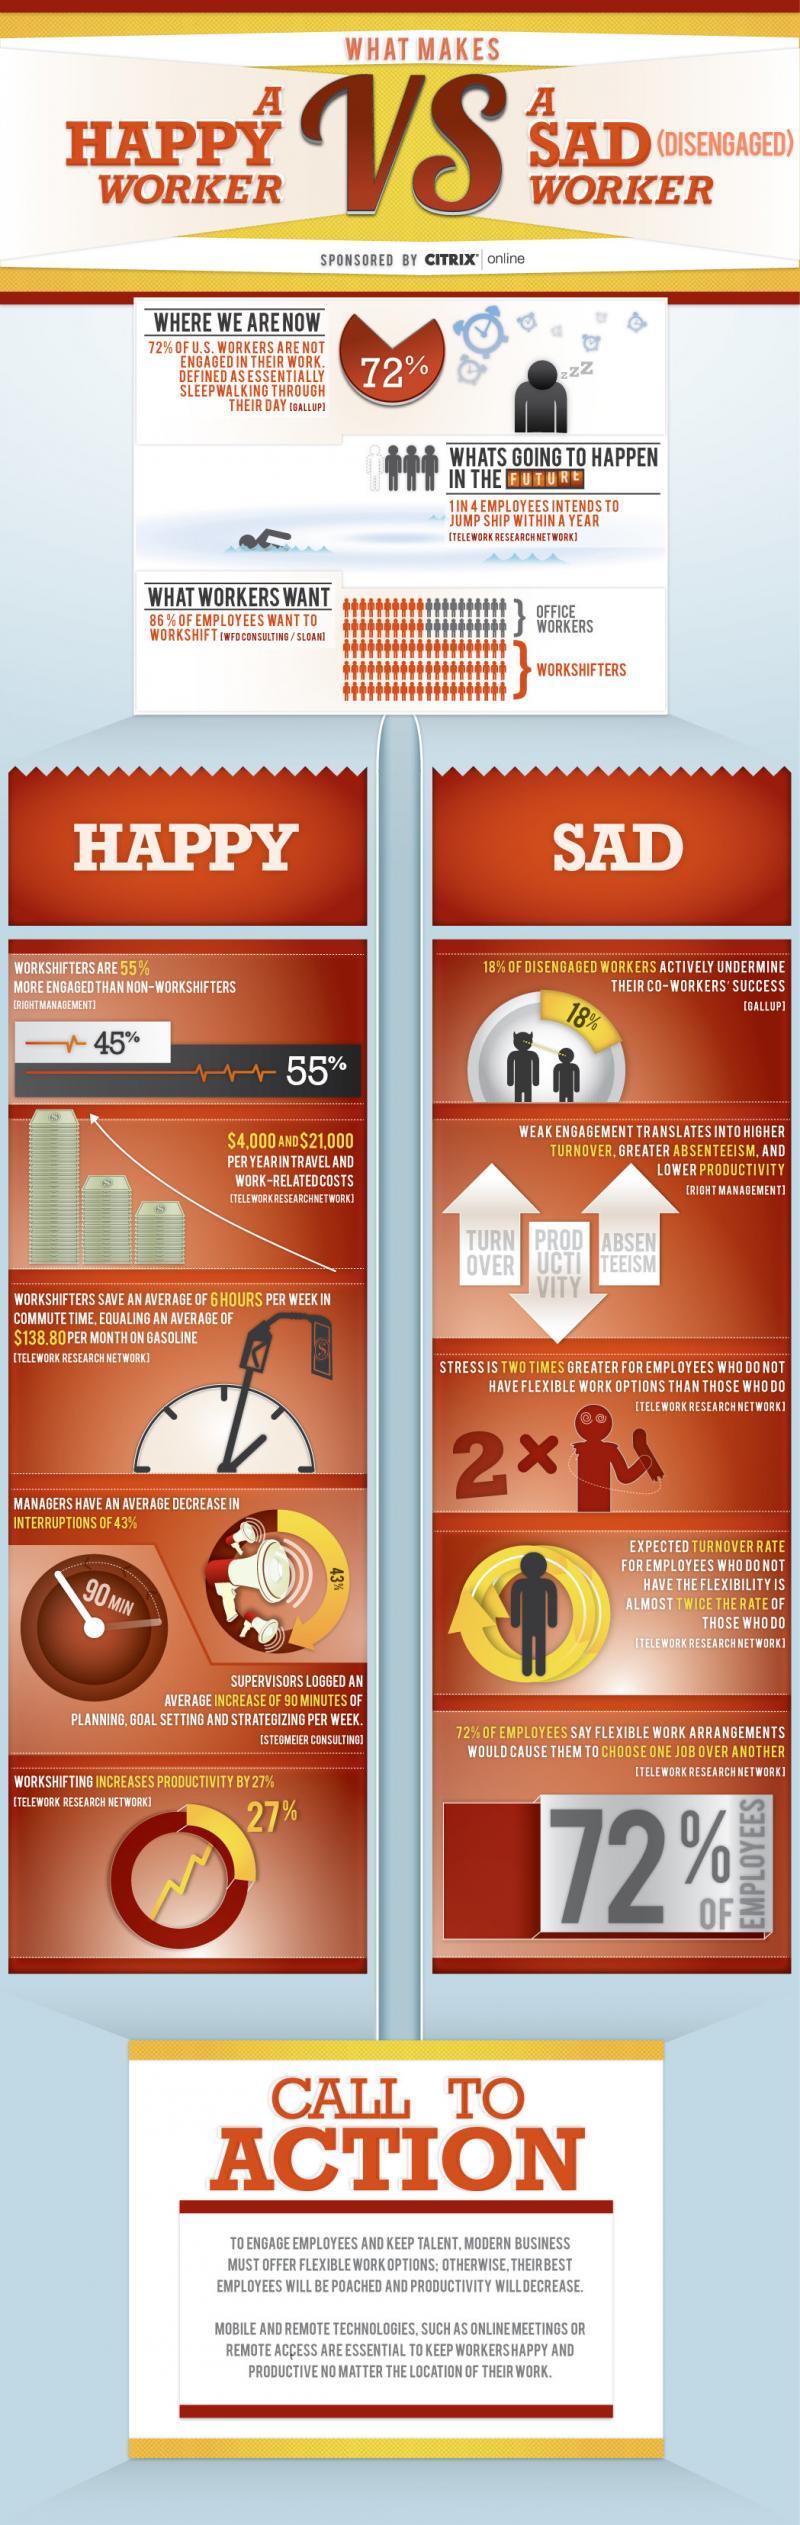 Happy Vs. Sad Worker #Infographic